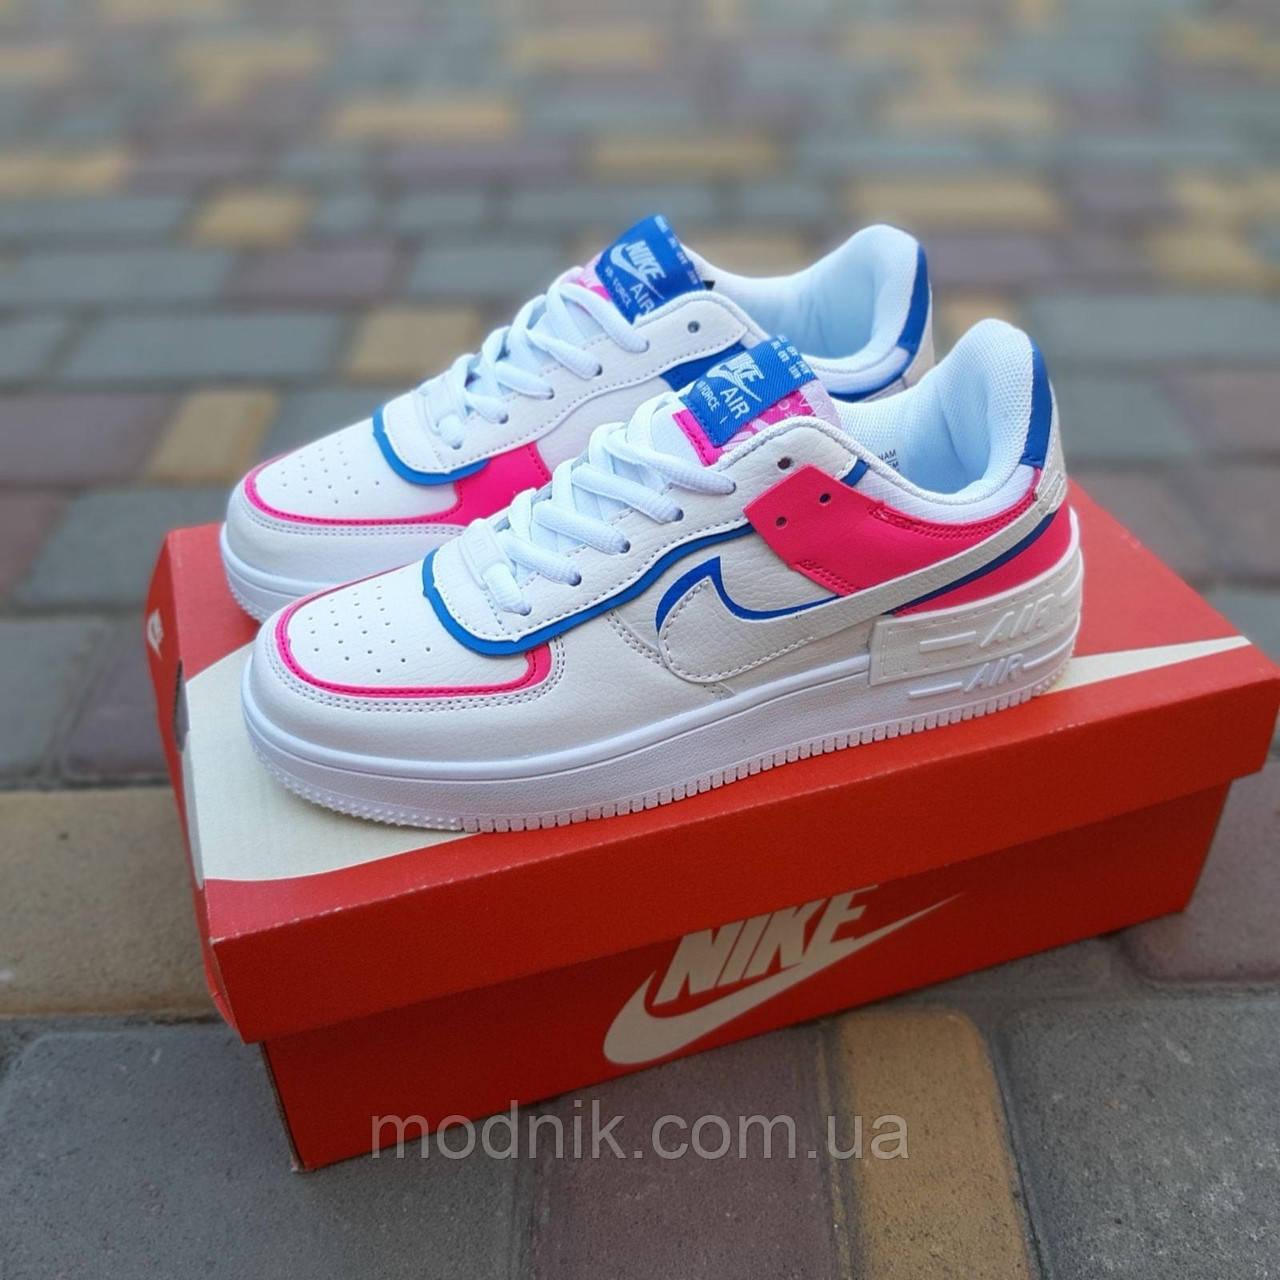 Женские кроссовки Nike Air Force 1 Shadow (белые с малиной и синим) 20217 повседневные демисезонные кроссы